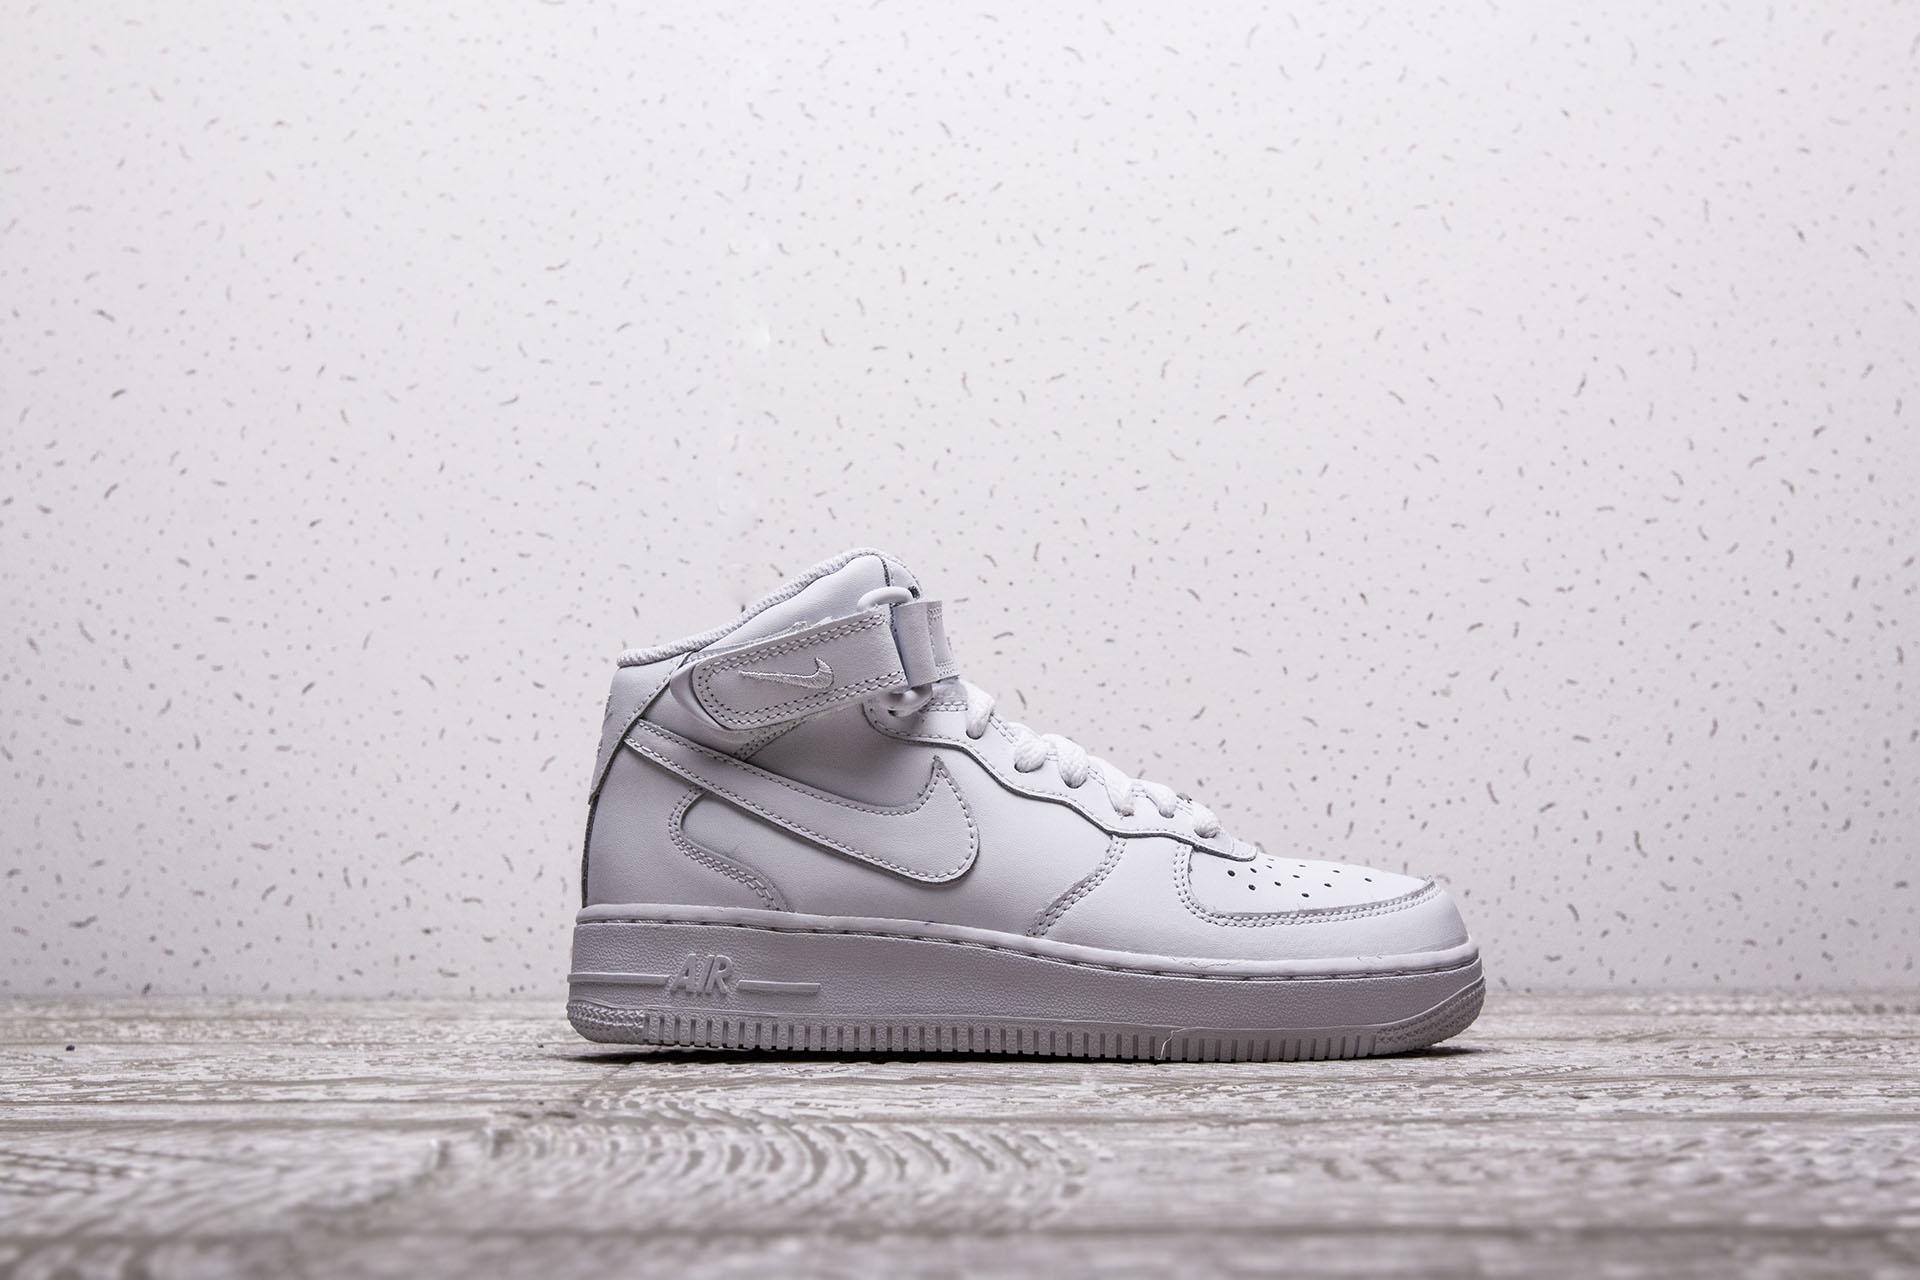 ff26906e Купить белые детские кроссовки Air Force 1 Mid GS от Nike (314195 ...